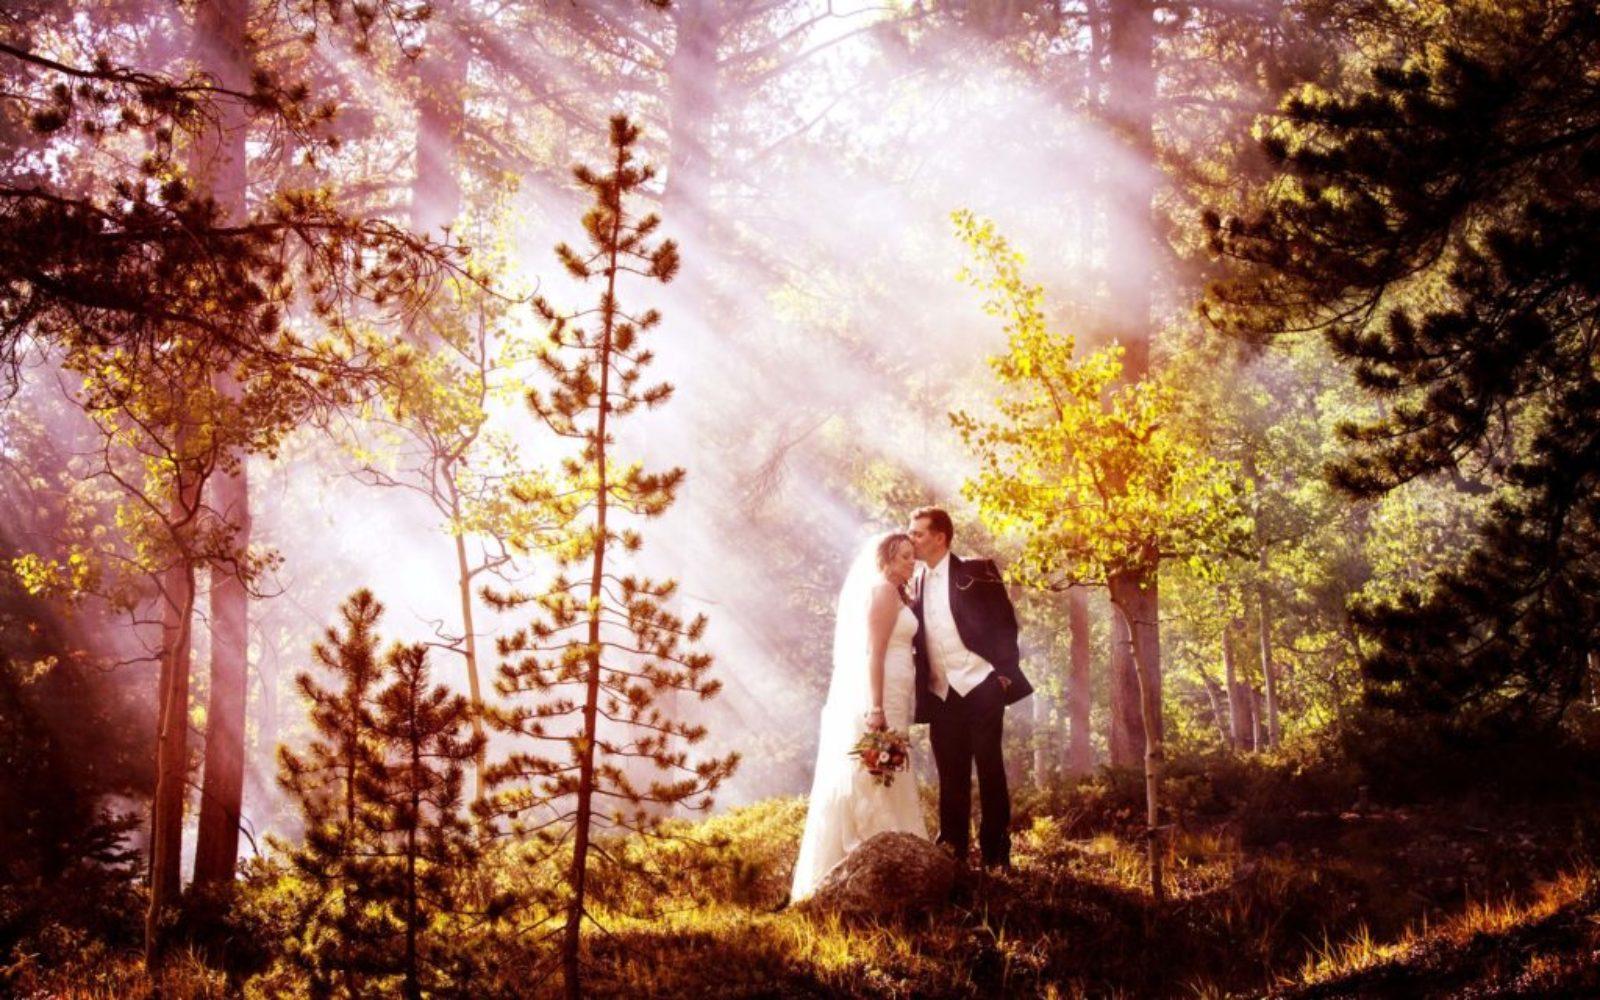 Majesty-Photo-Forest-Bride-groom-1024x640